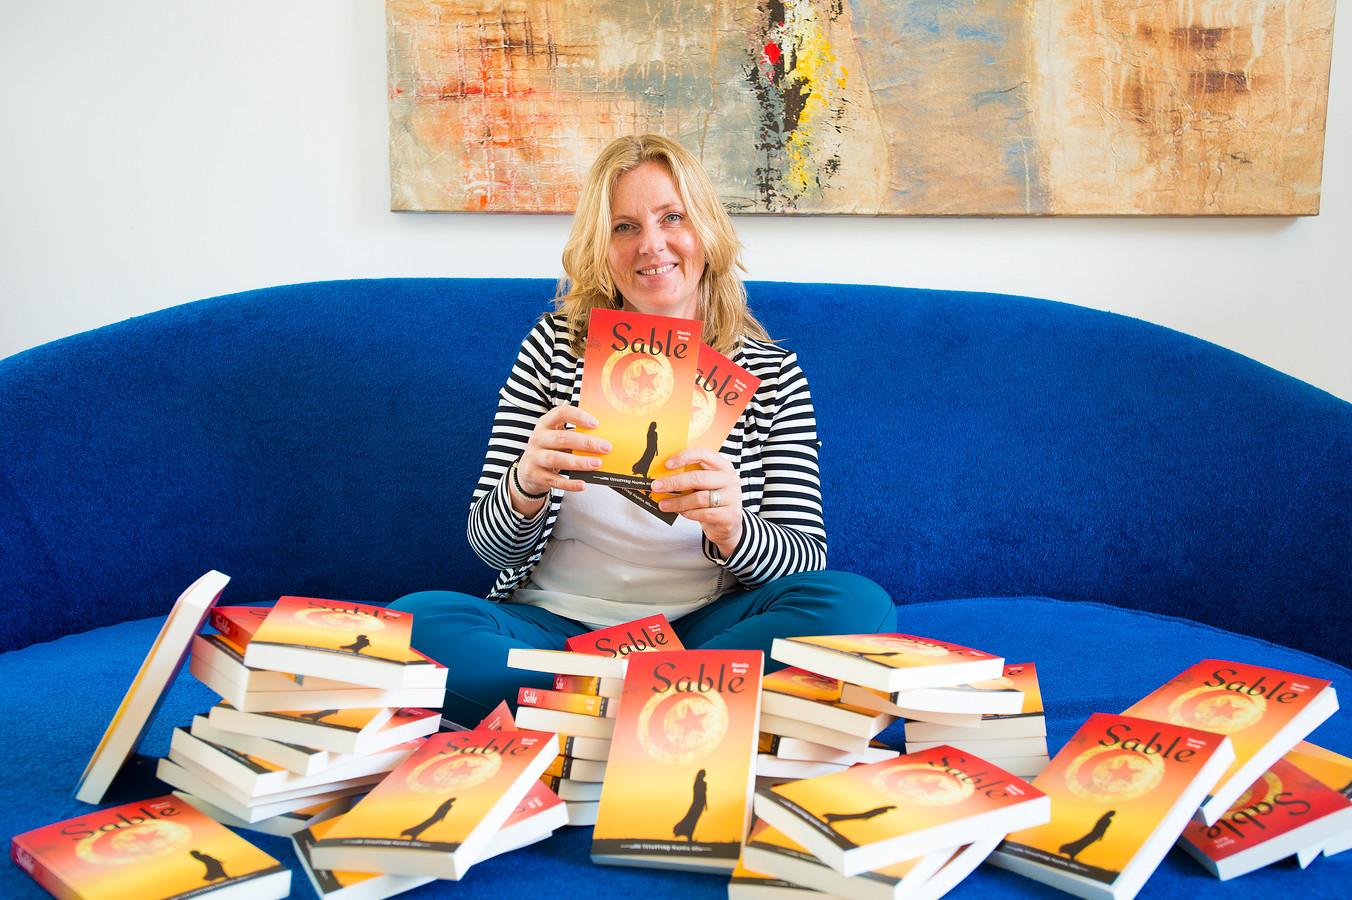 Nanda Roep met haar nieuwe boek Sable.